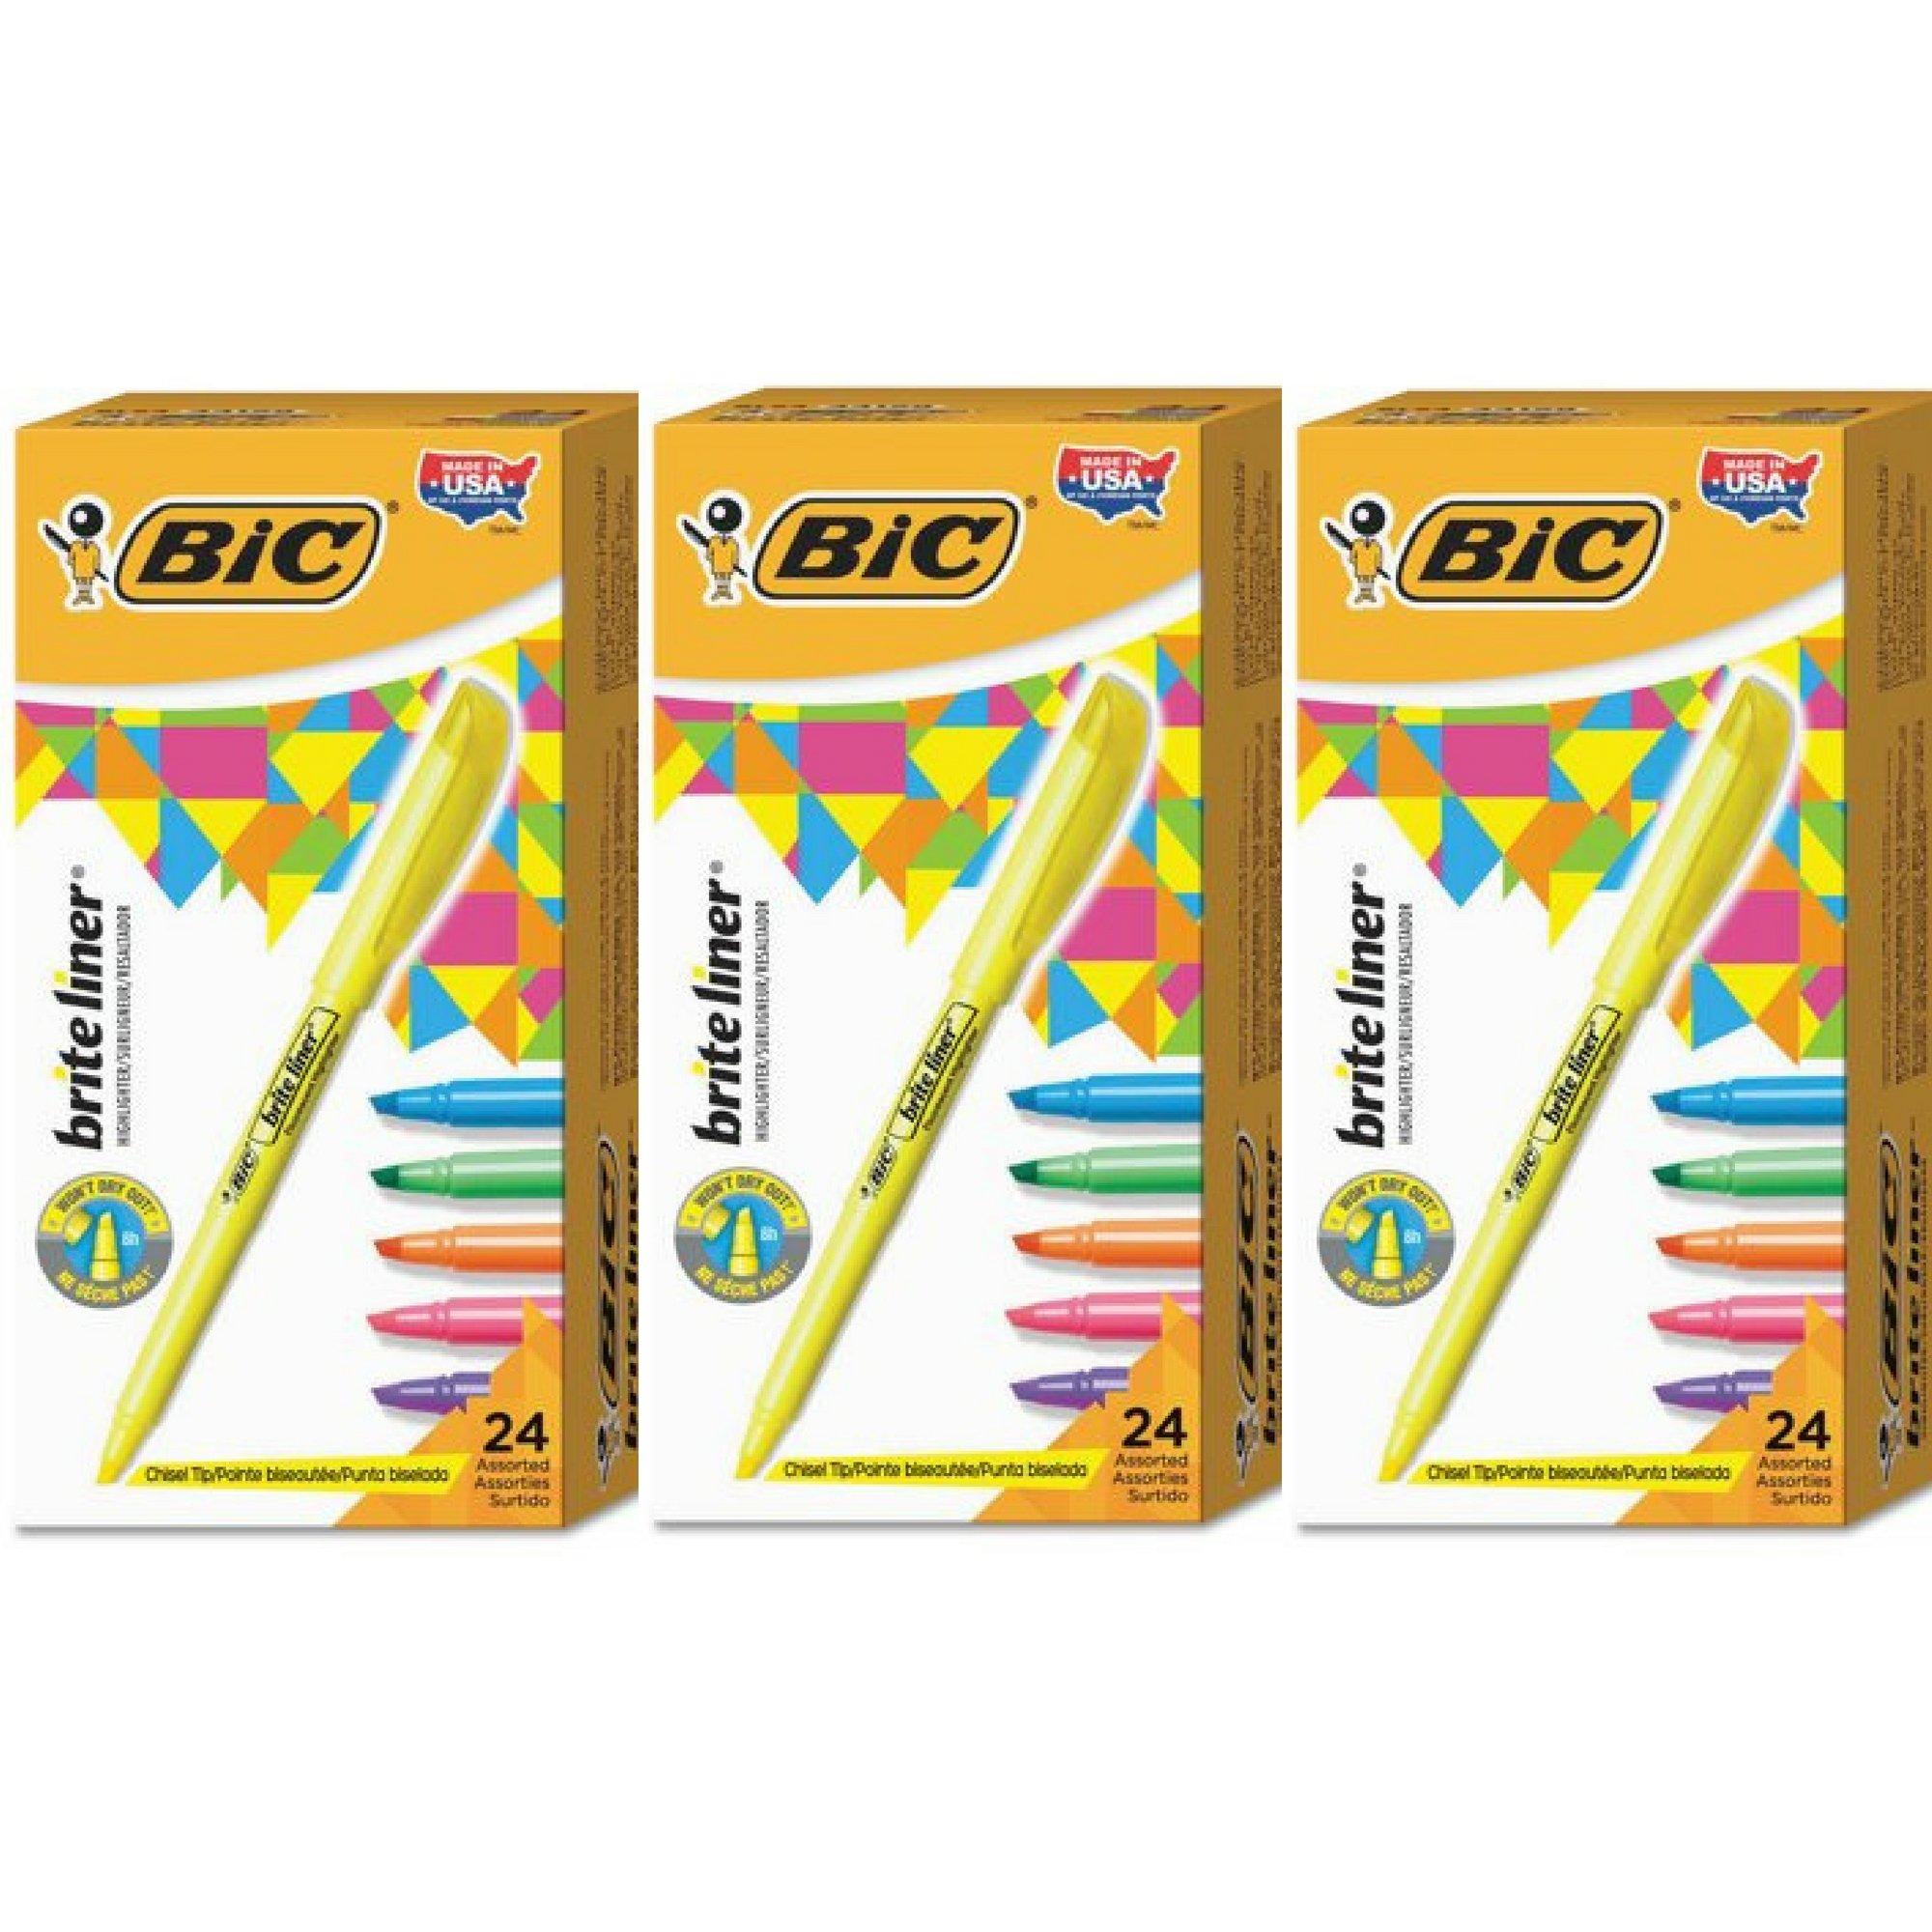 BIC Brite Liner Highlighter, Chisel Tip, Assorted Ink, 24-Pack - 3 Box